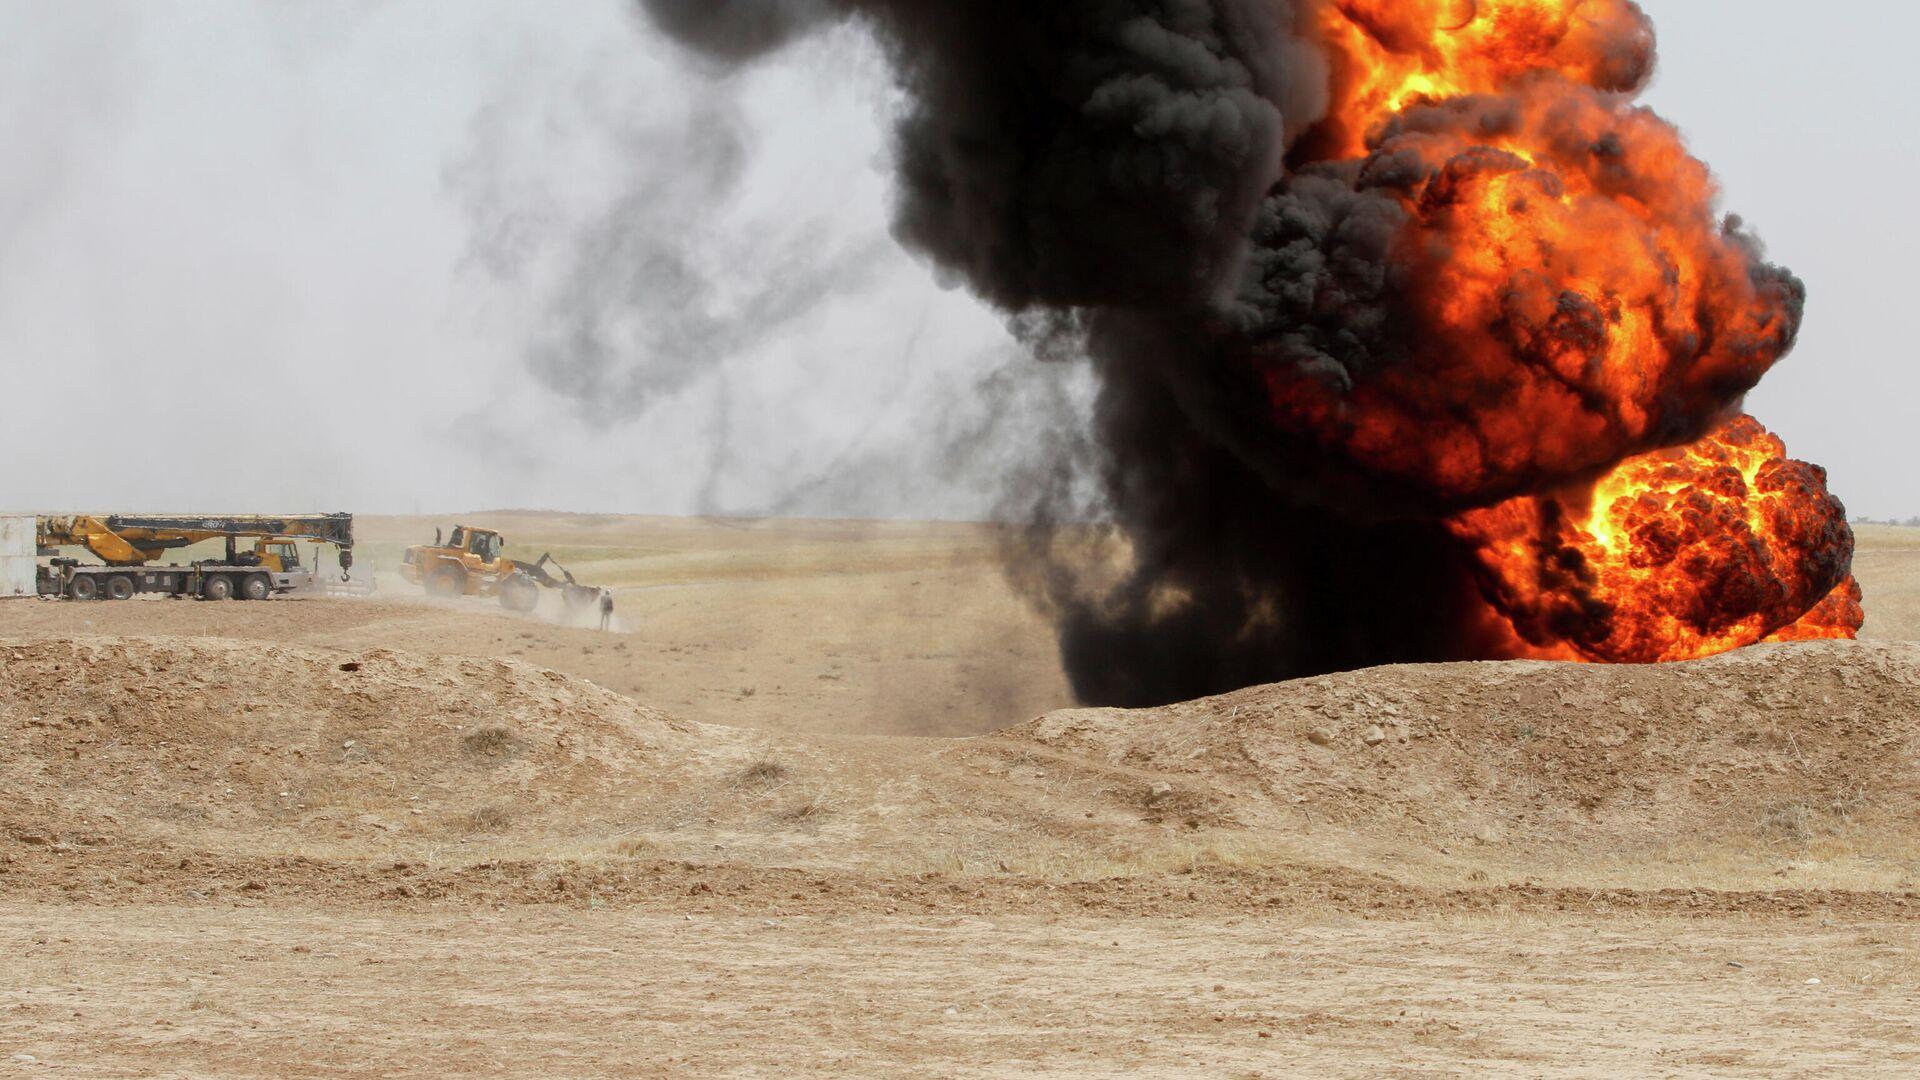 Пожар на нефтяном месторождении Бай-Хасан, которое подверглось нападению боевиков, Ирак - РИА Новости, 1920, 05.05.2021